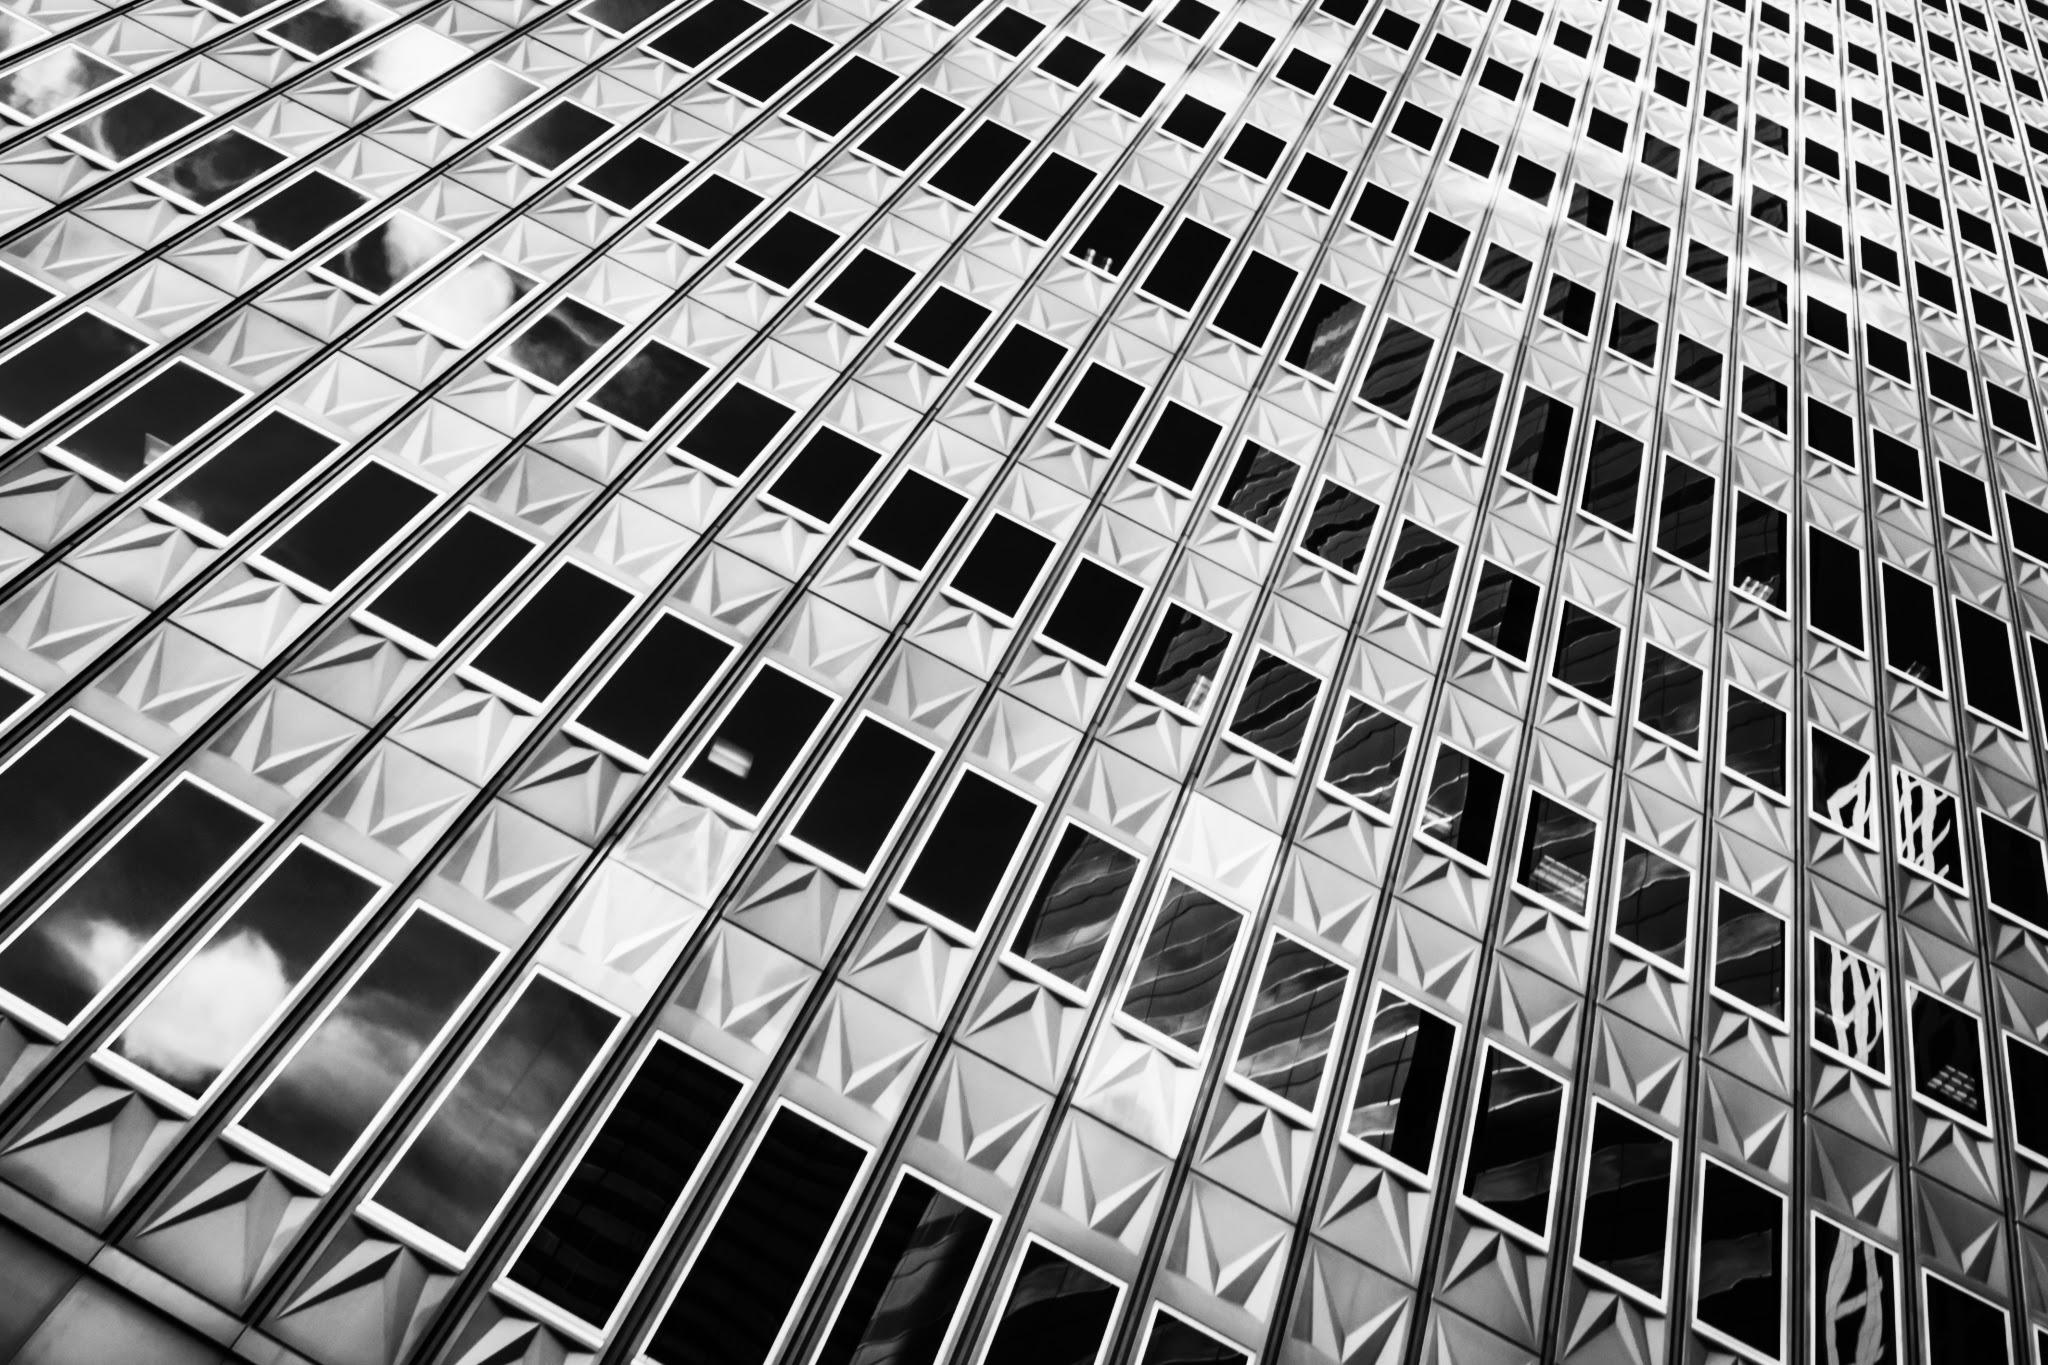 Dallas architectural photographer Mark Alberts